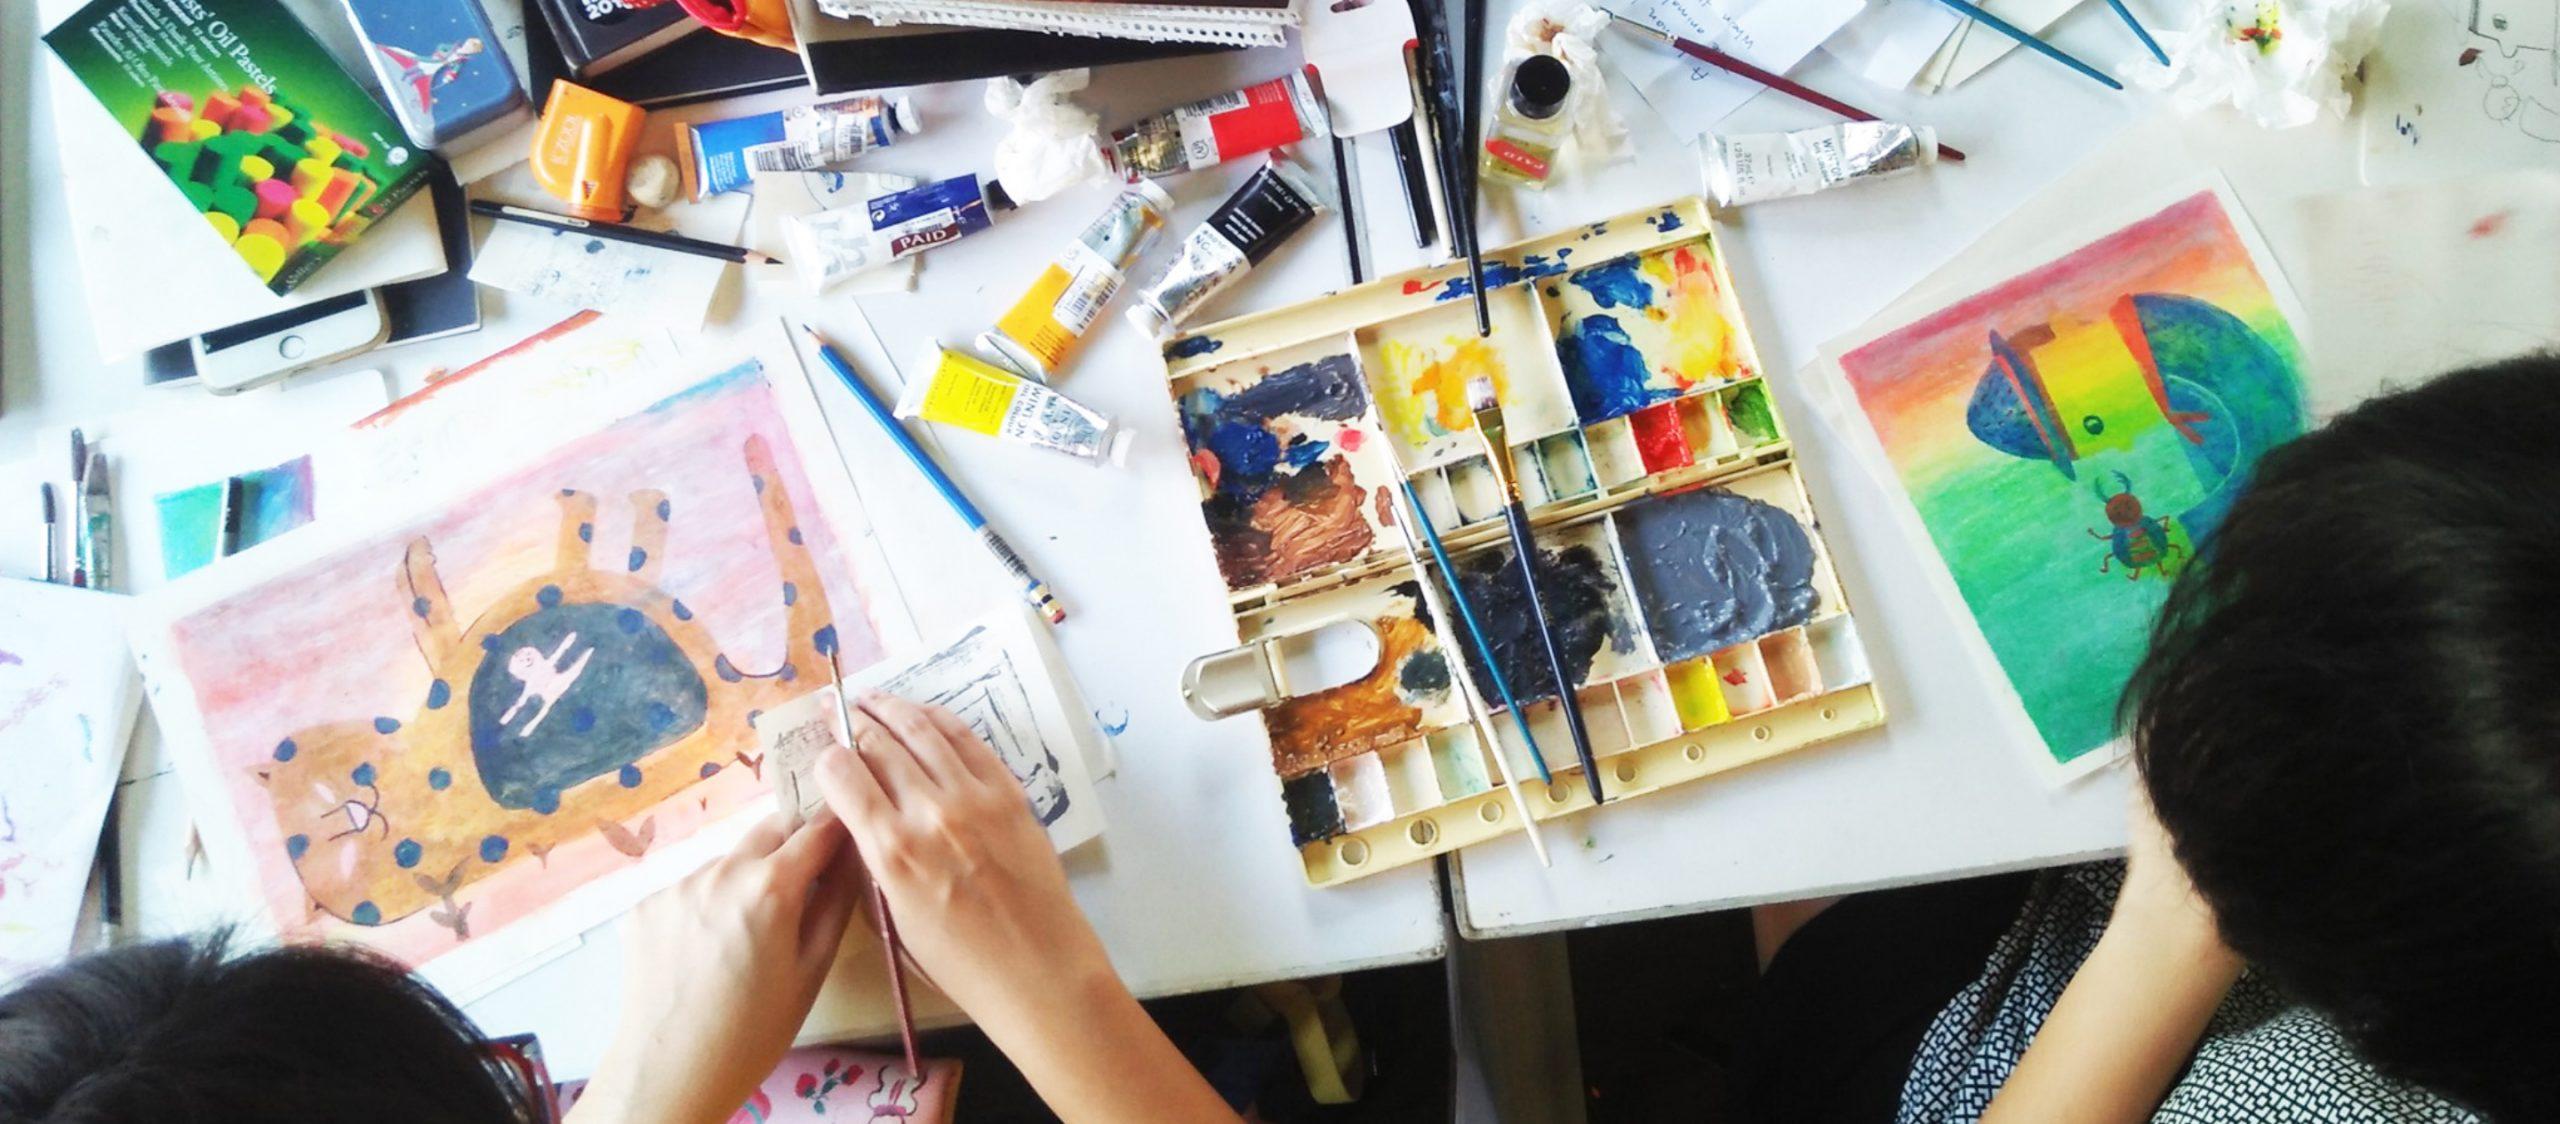 ทิ้งความกลัวแล้ววาดด้วยความอิสระและกล้าหาญ เวิร์กช็อปครั้งแรกในไทยของ Jesús Cisneros